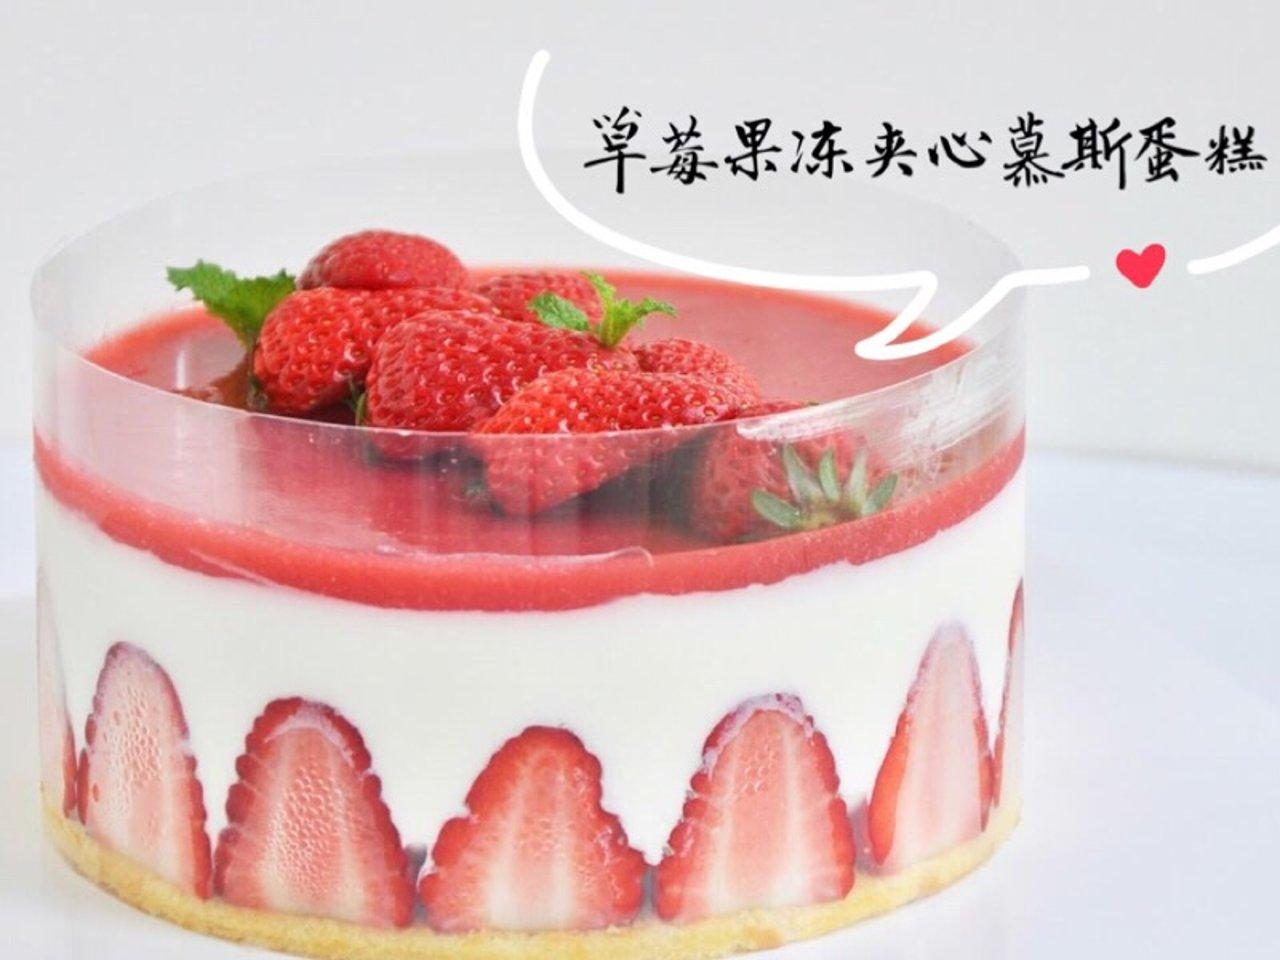 冬季里的浓情 | 草莓水晶果冻夹心慕斯蛋糕✨